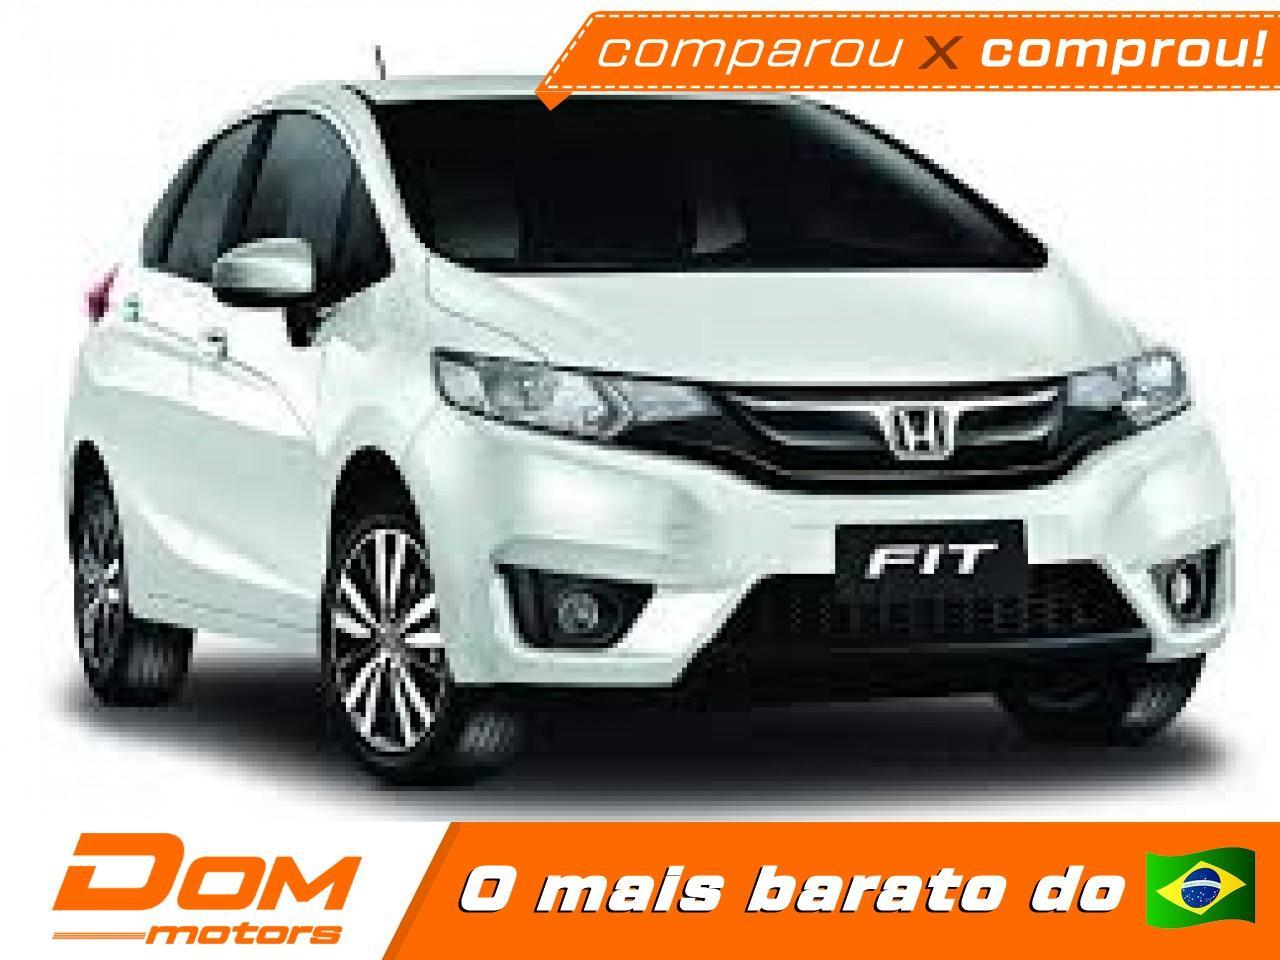 HONDA Fit 1.5 16V 4P EXL FLEX AUTOMÁTICO, Foto 1